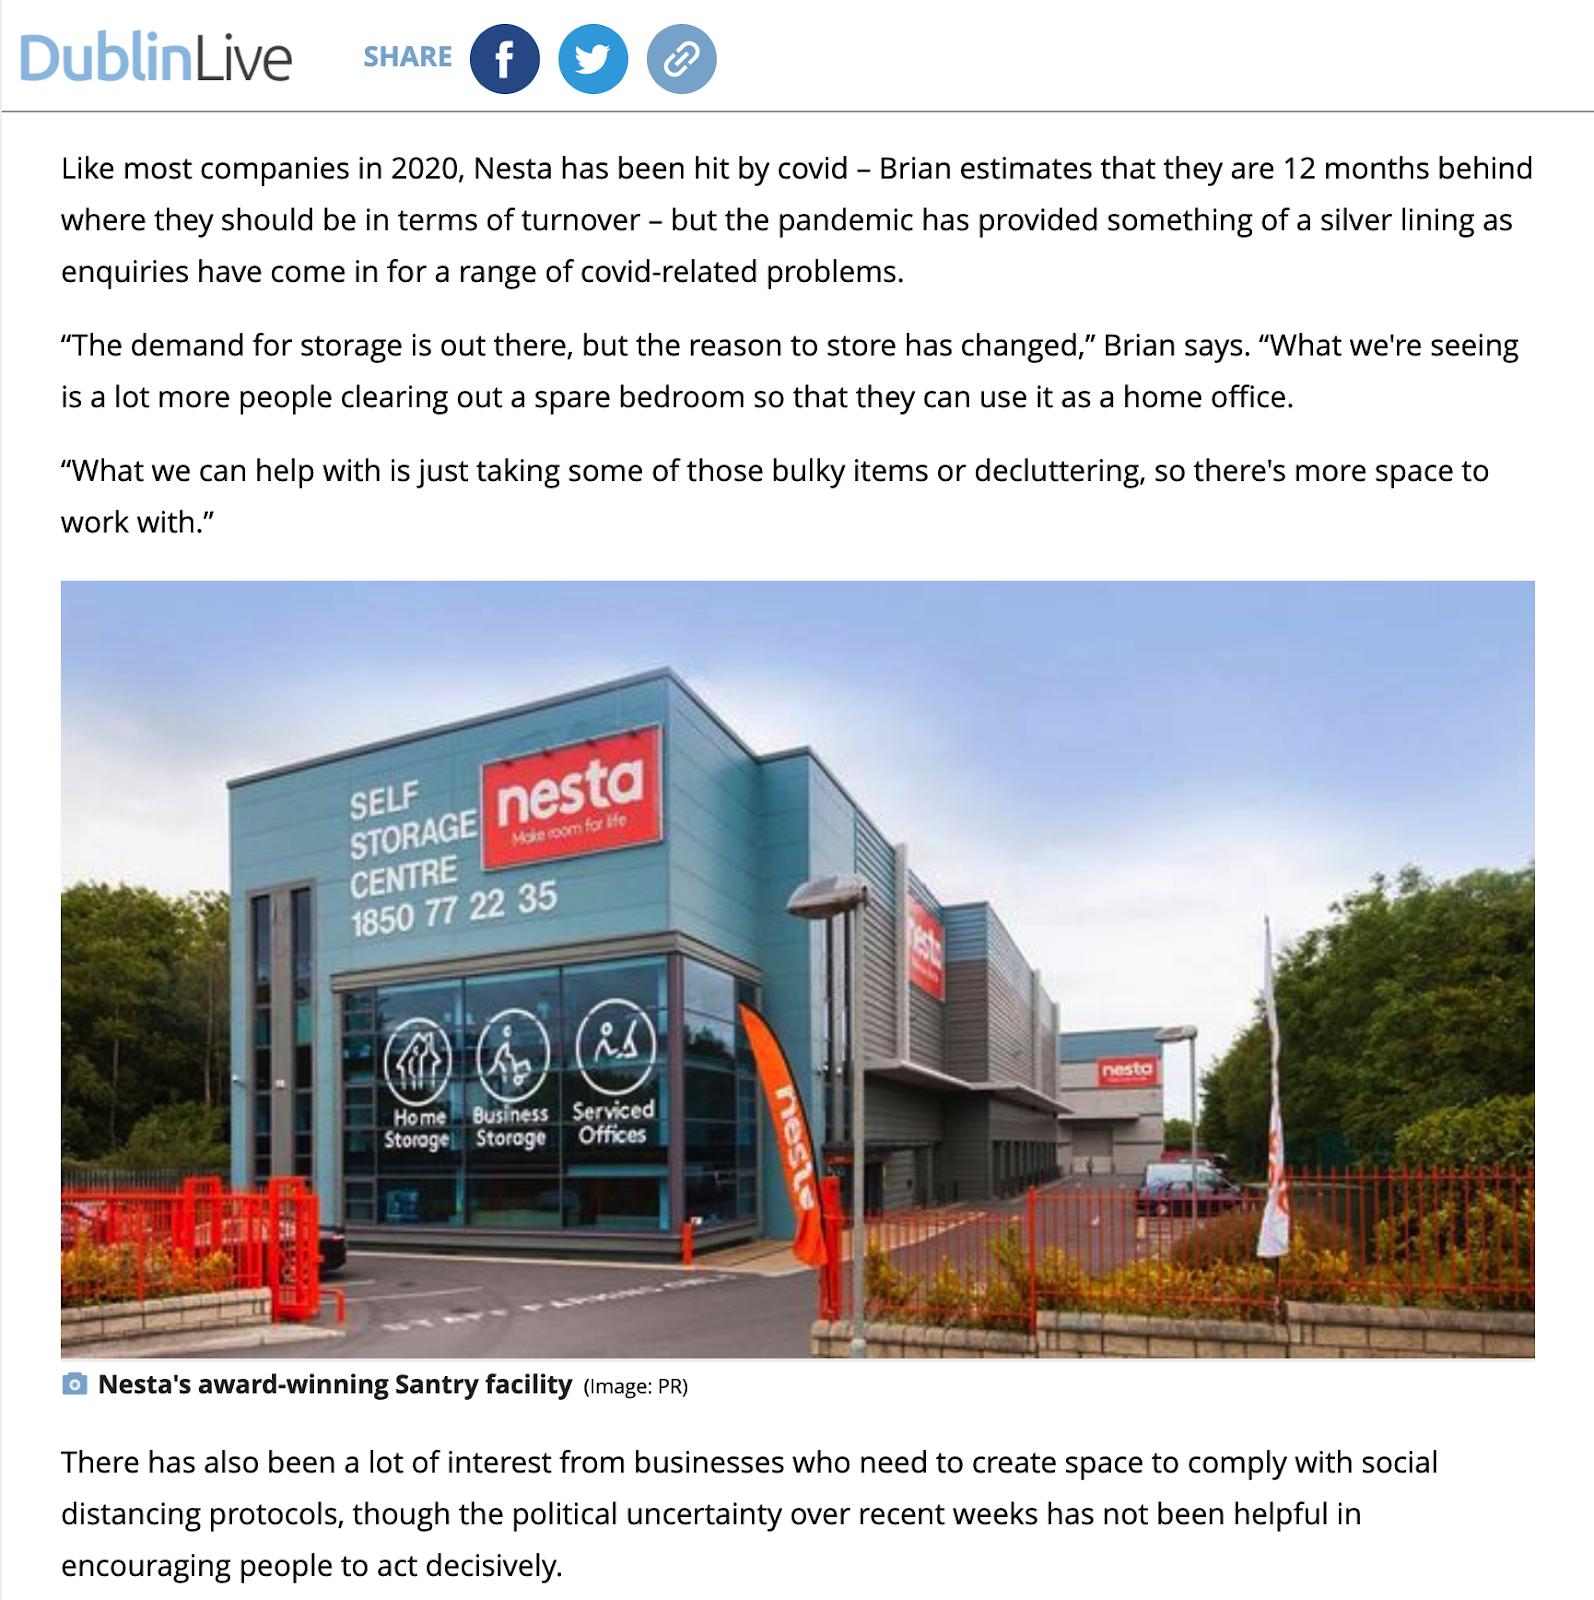 Nesta Storage feature in DublinLive